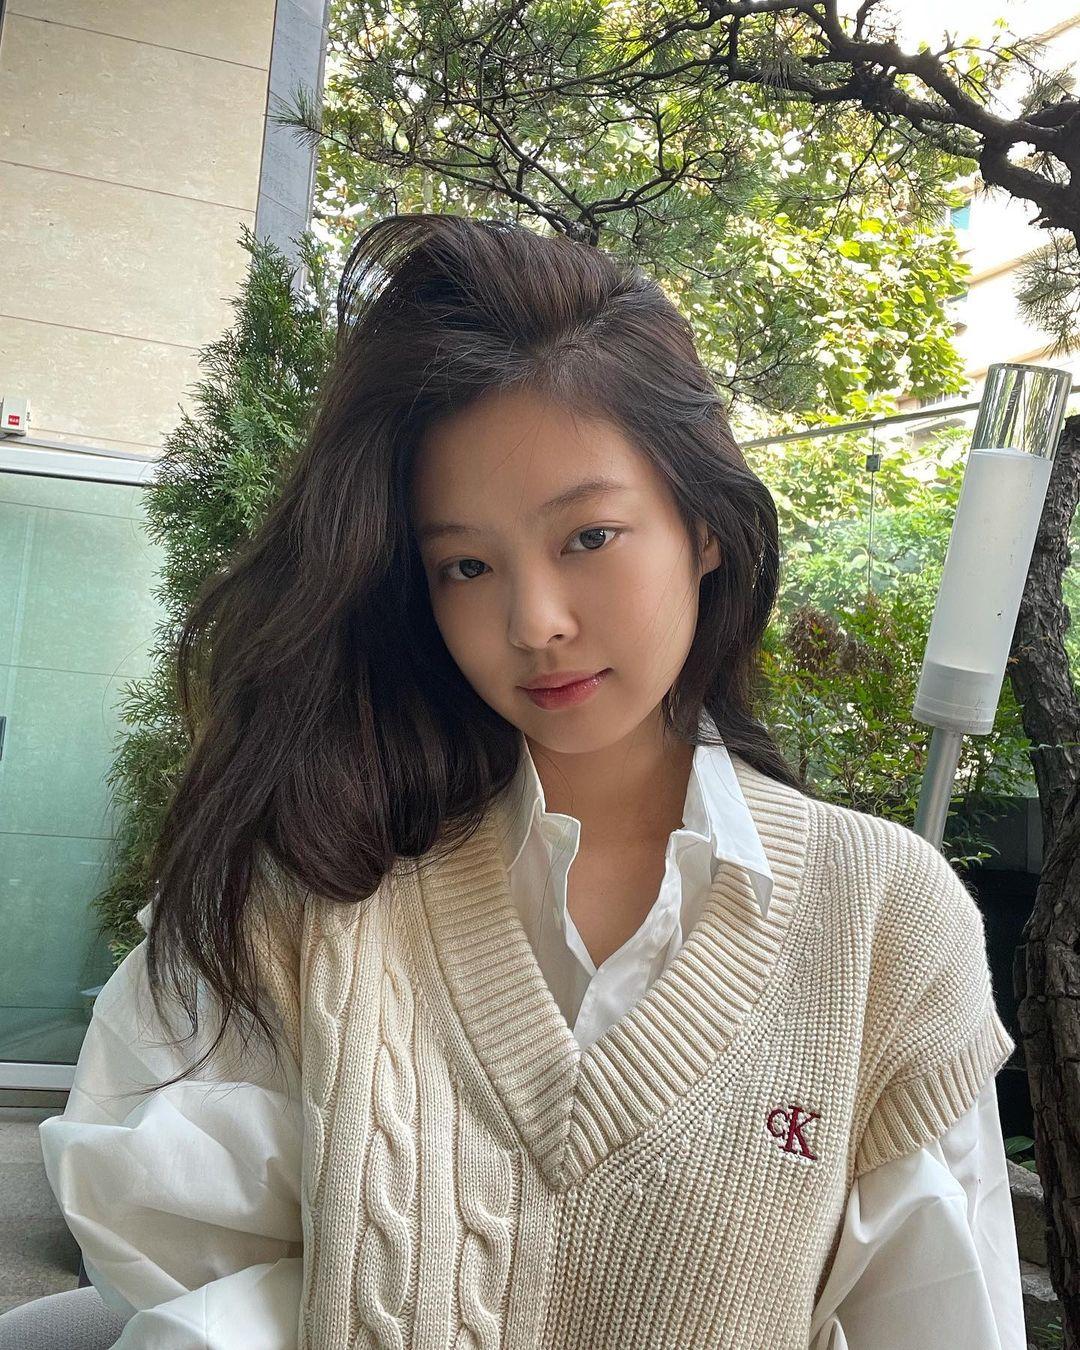 4 xu hướng nhuộm tóc mùa thu của sao Hàn: Toàn màu tôn da, thanh lịch hợp công sở - Ảnh 15